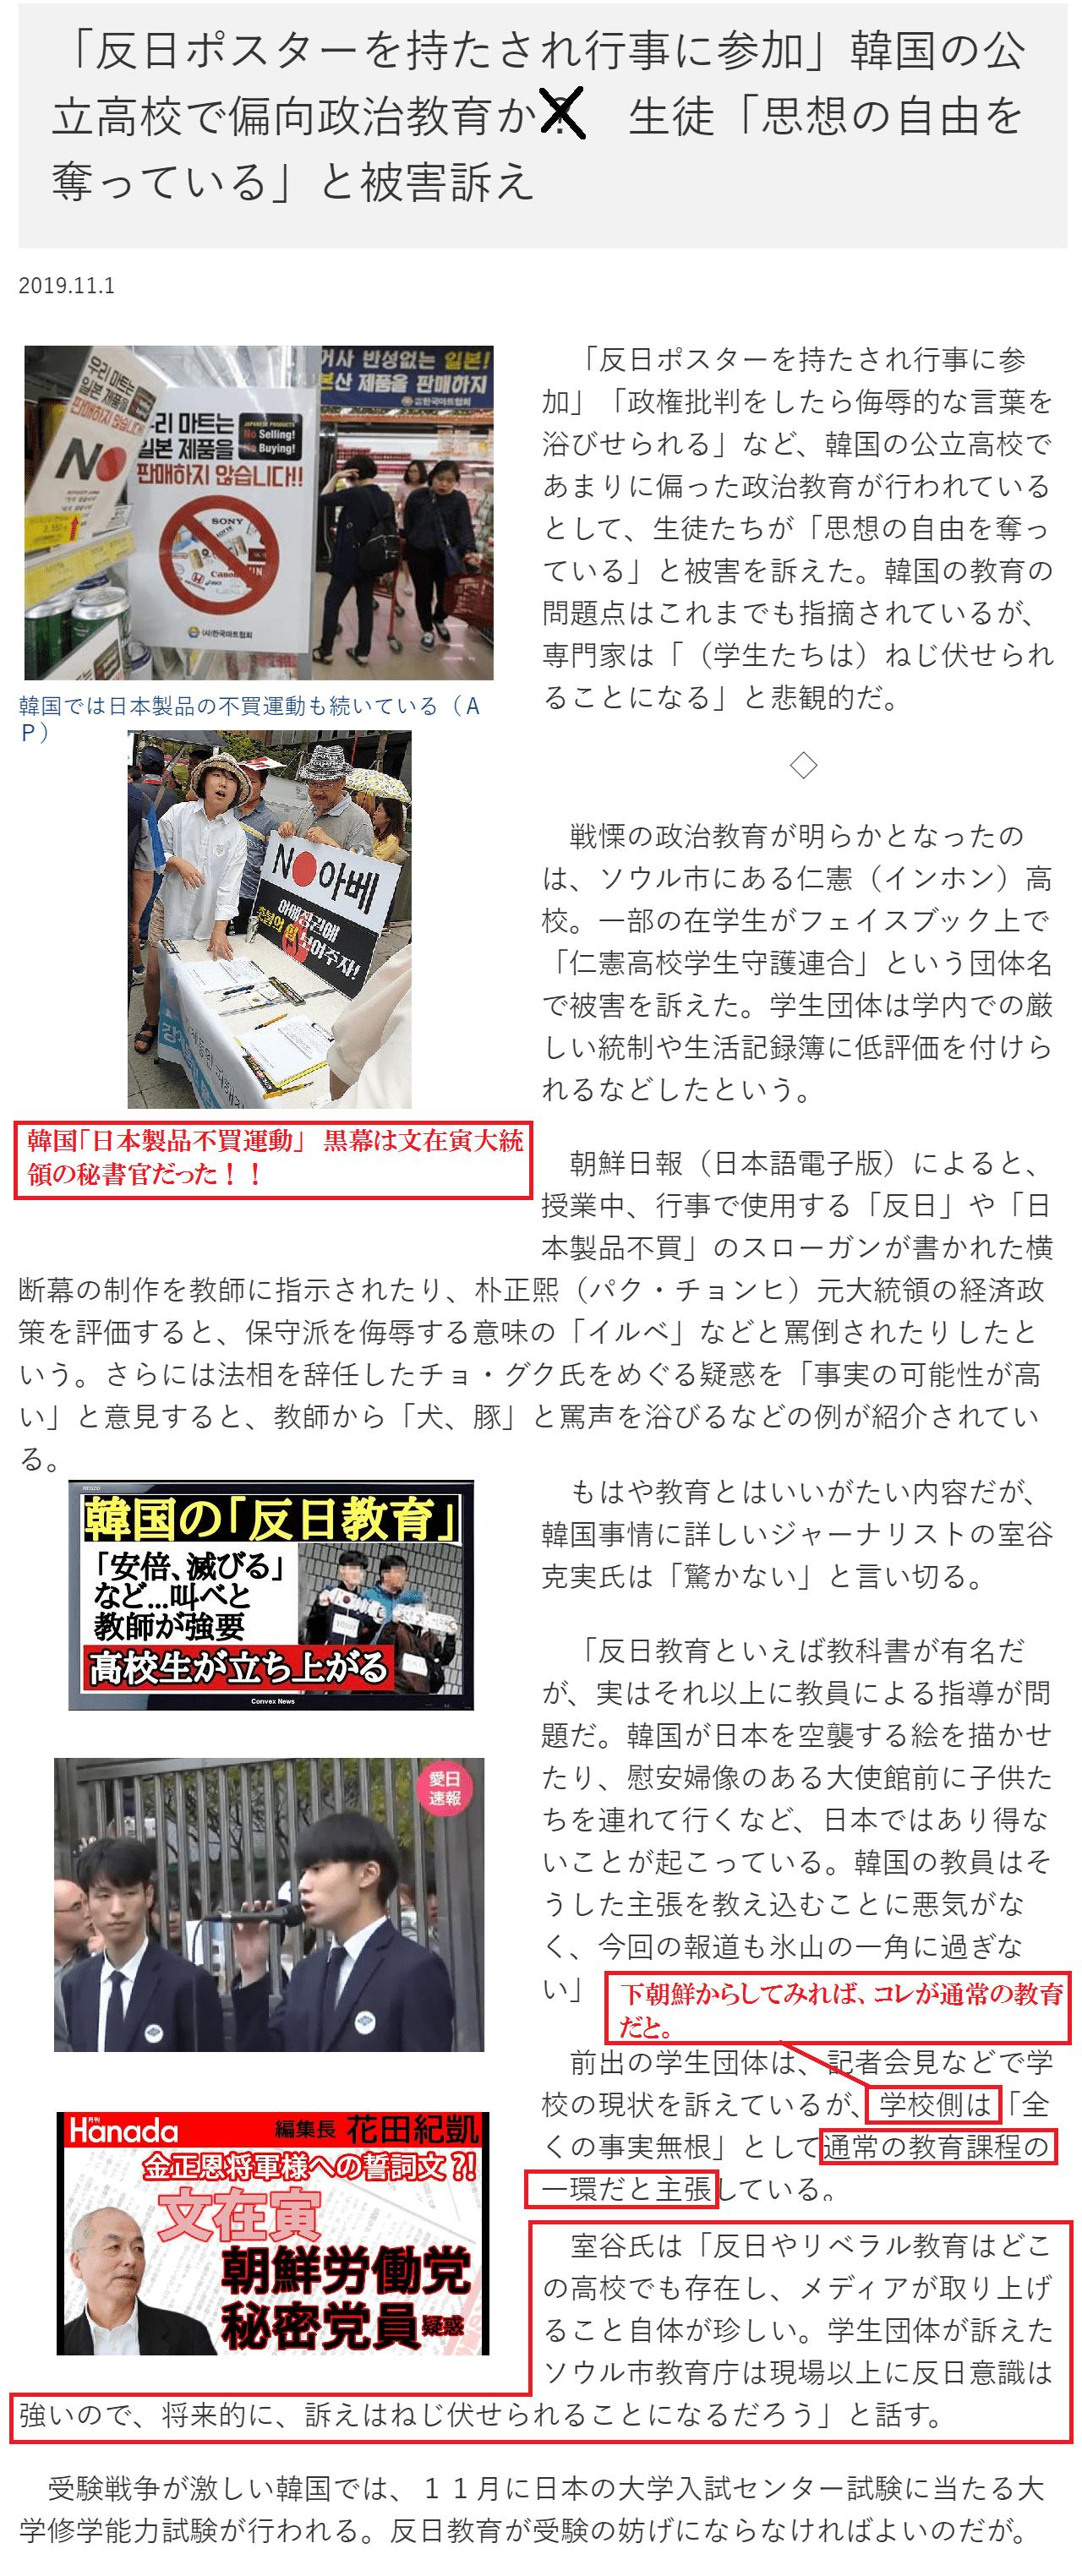 朝鮮人高校生が告発するも下朝鮮では反日教育は通常の教育課程